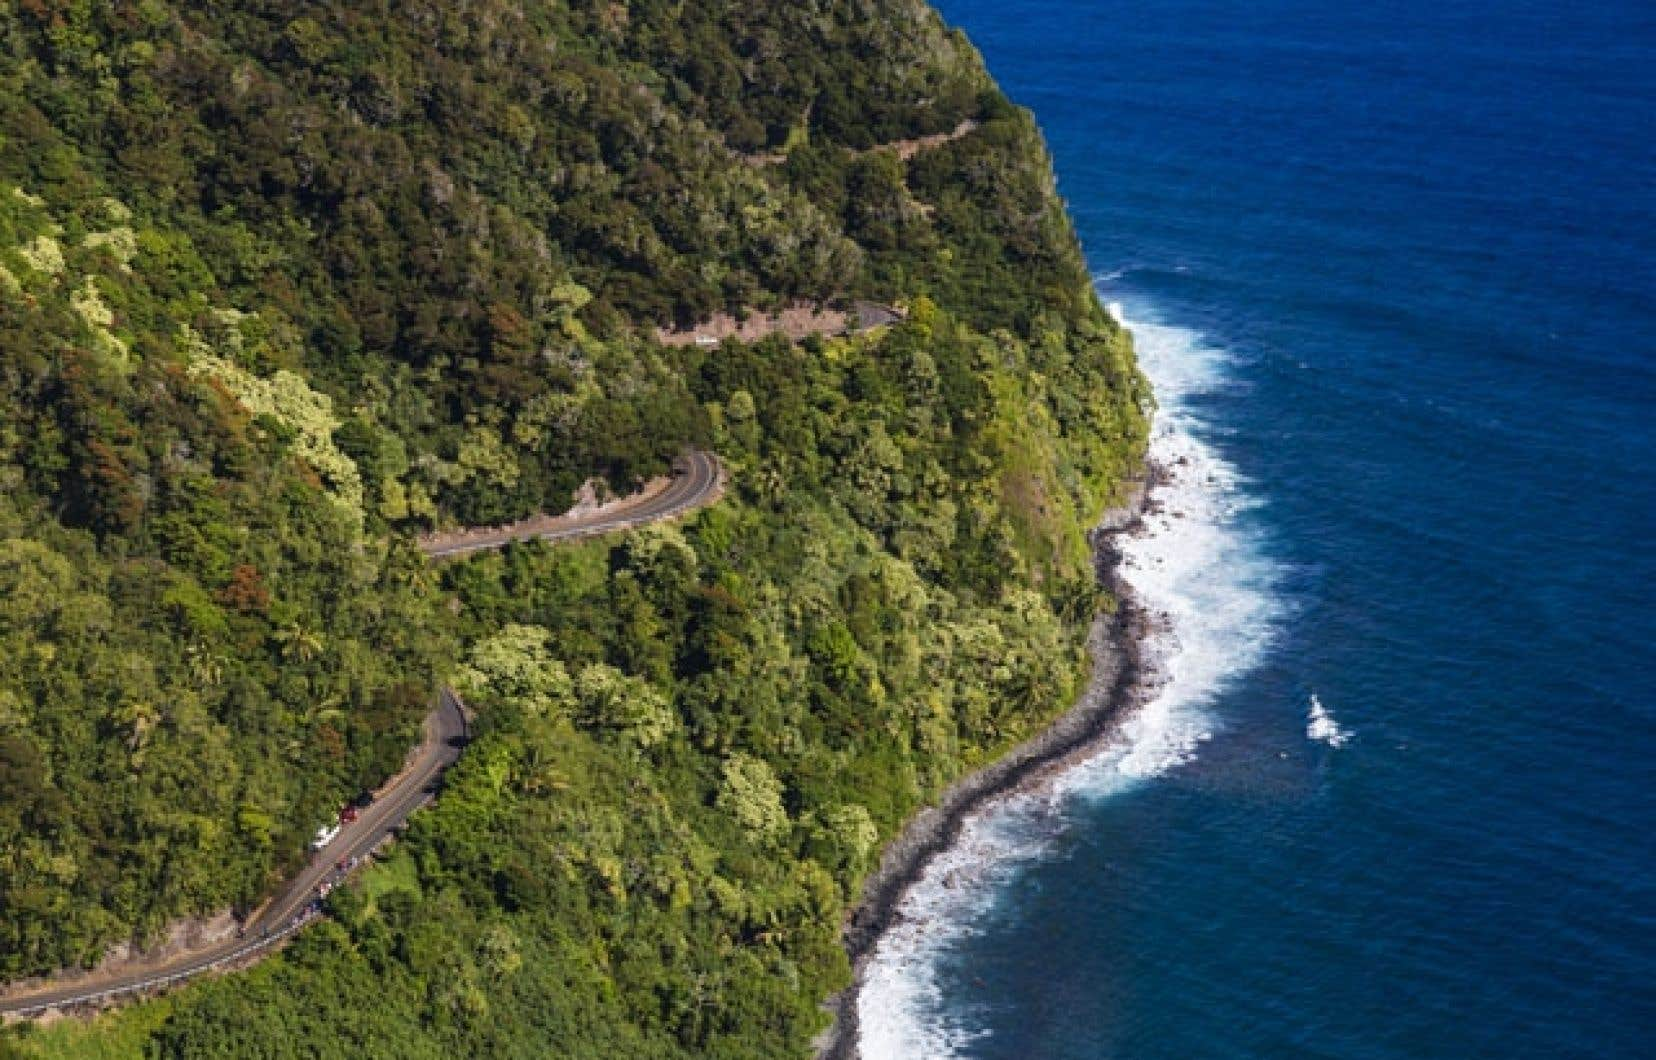 Le superbe Hana Highway se cramponne au bord du Pacifique sur l'île hawaïenne de Maui.